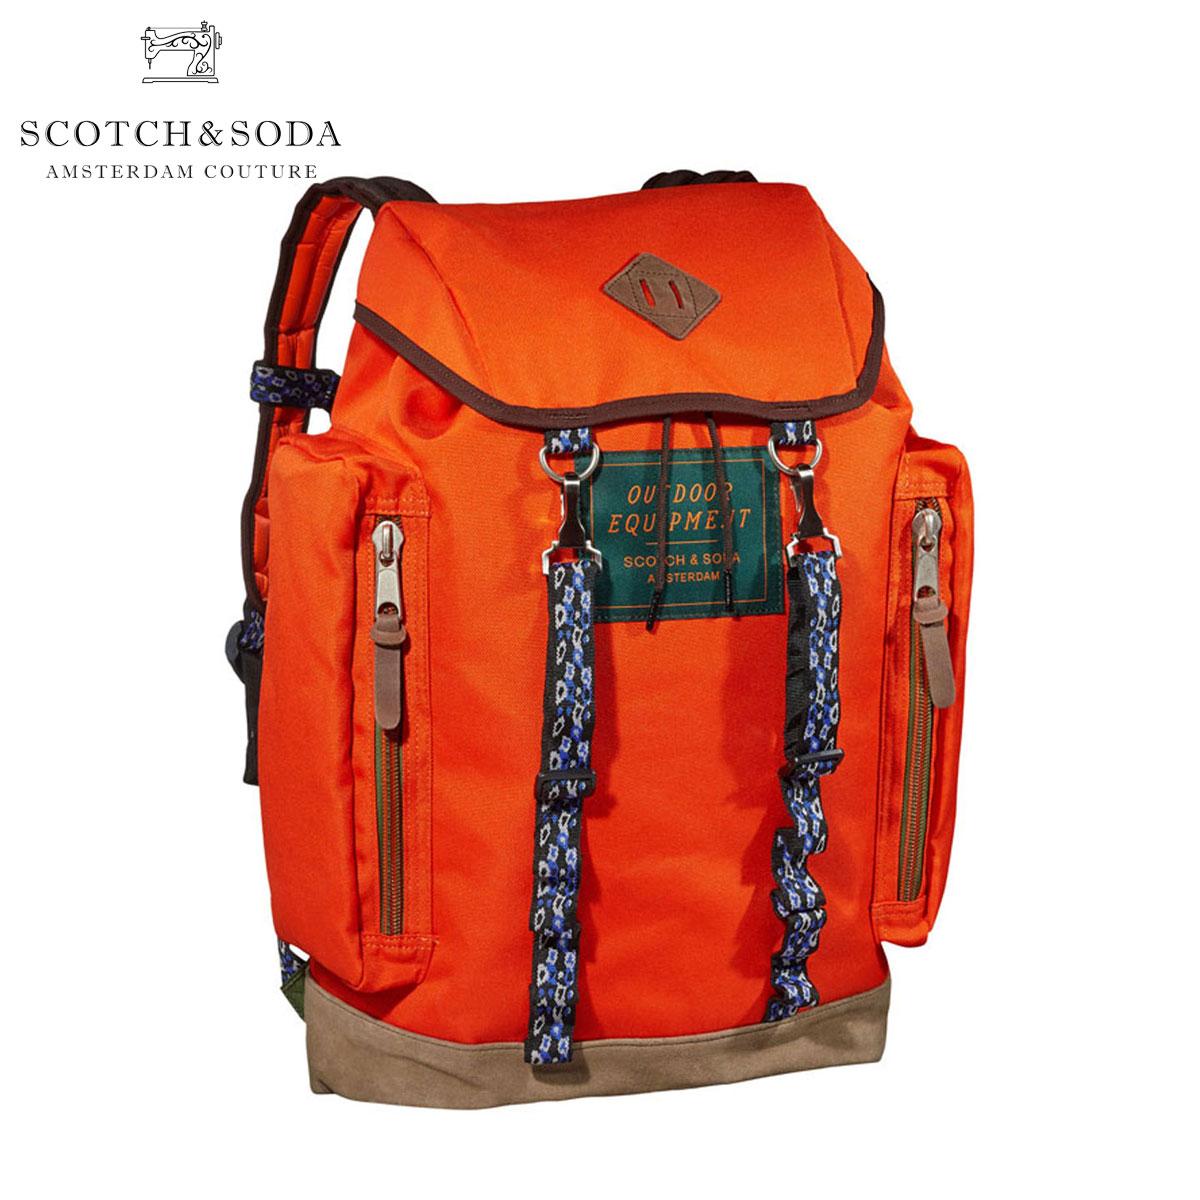 スコッチアンドソーダ SCOTCH&SODA 正規販売店 バッグ Rucksack in nylon quality 101787 17 D00S20